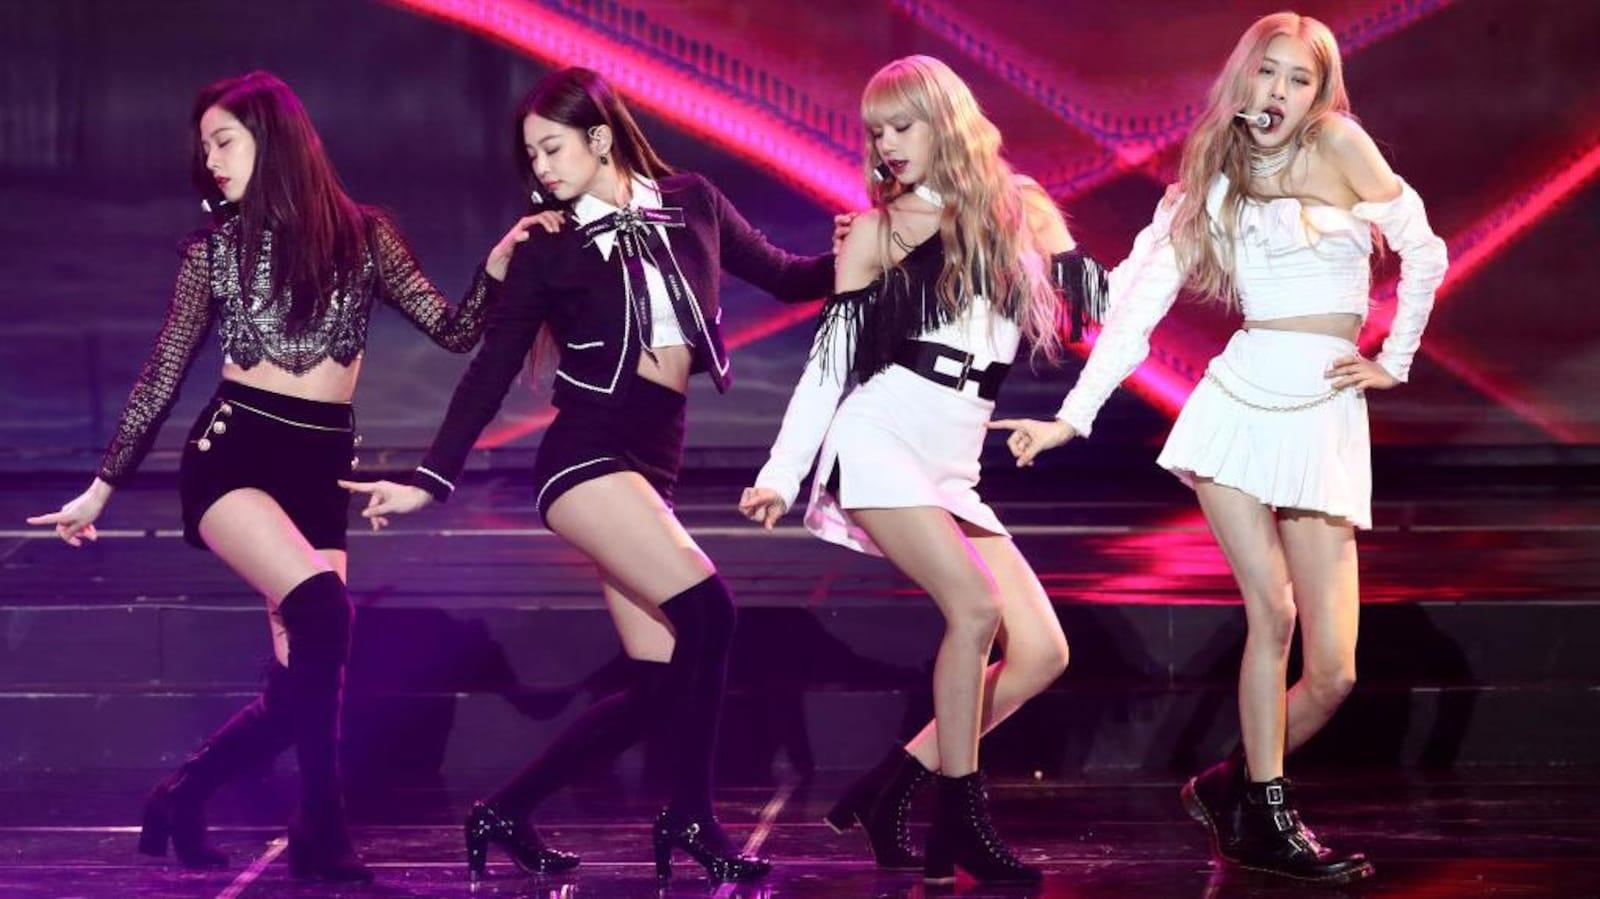 Les 4 chanteuses sur scène